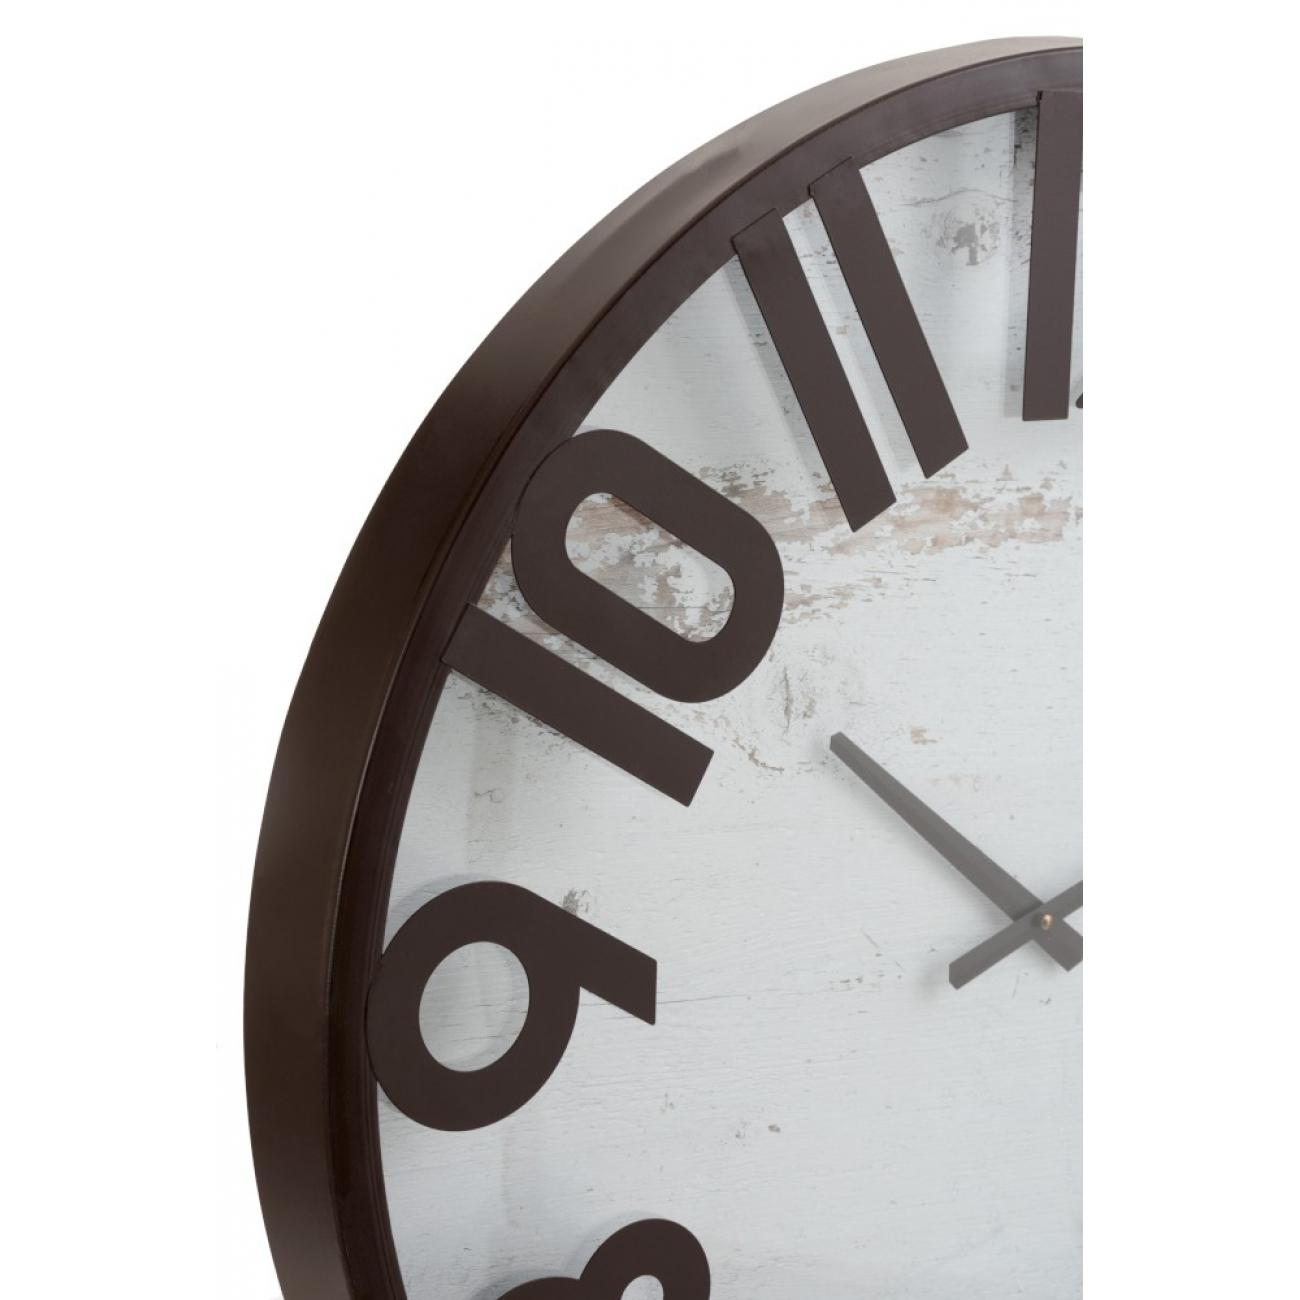 Настенные часы J-LINE круглые в деревянном корпусе диаметр 68 см